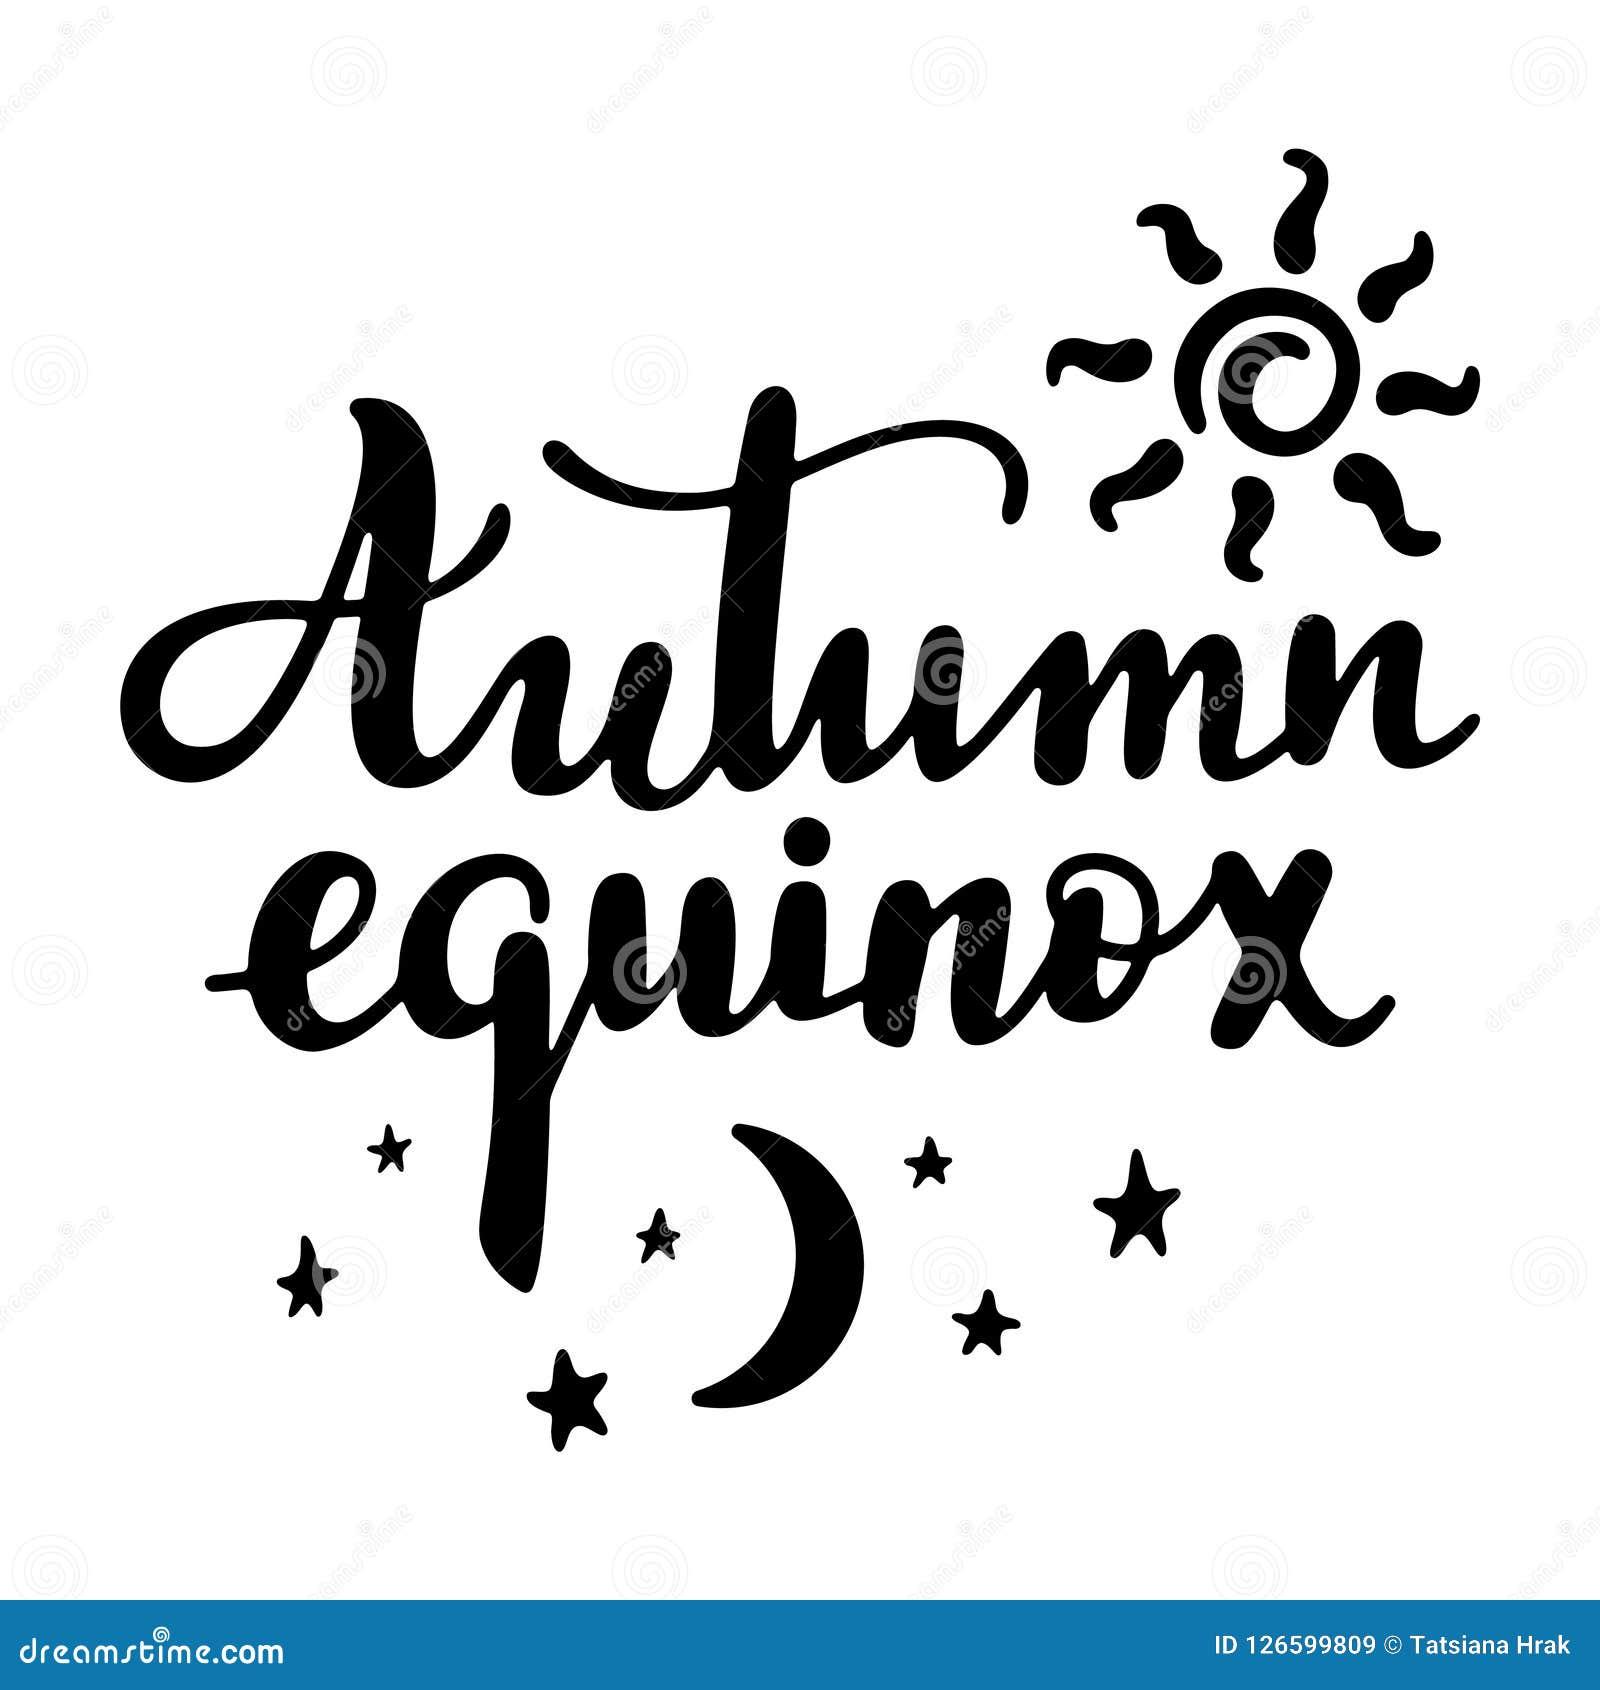 Herbst-Tag-und-Nacht-Gleiche - handgeschriebenes Beschriftungszitat